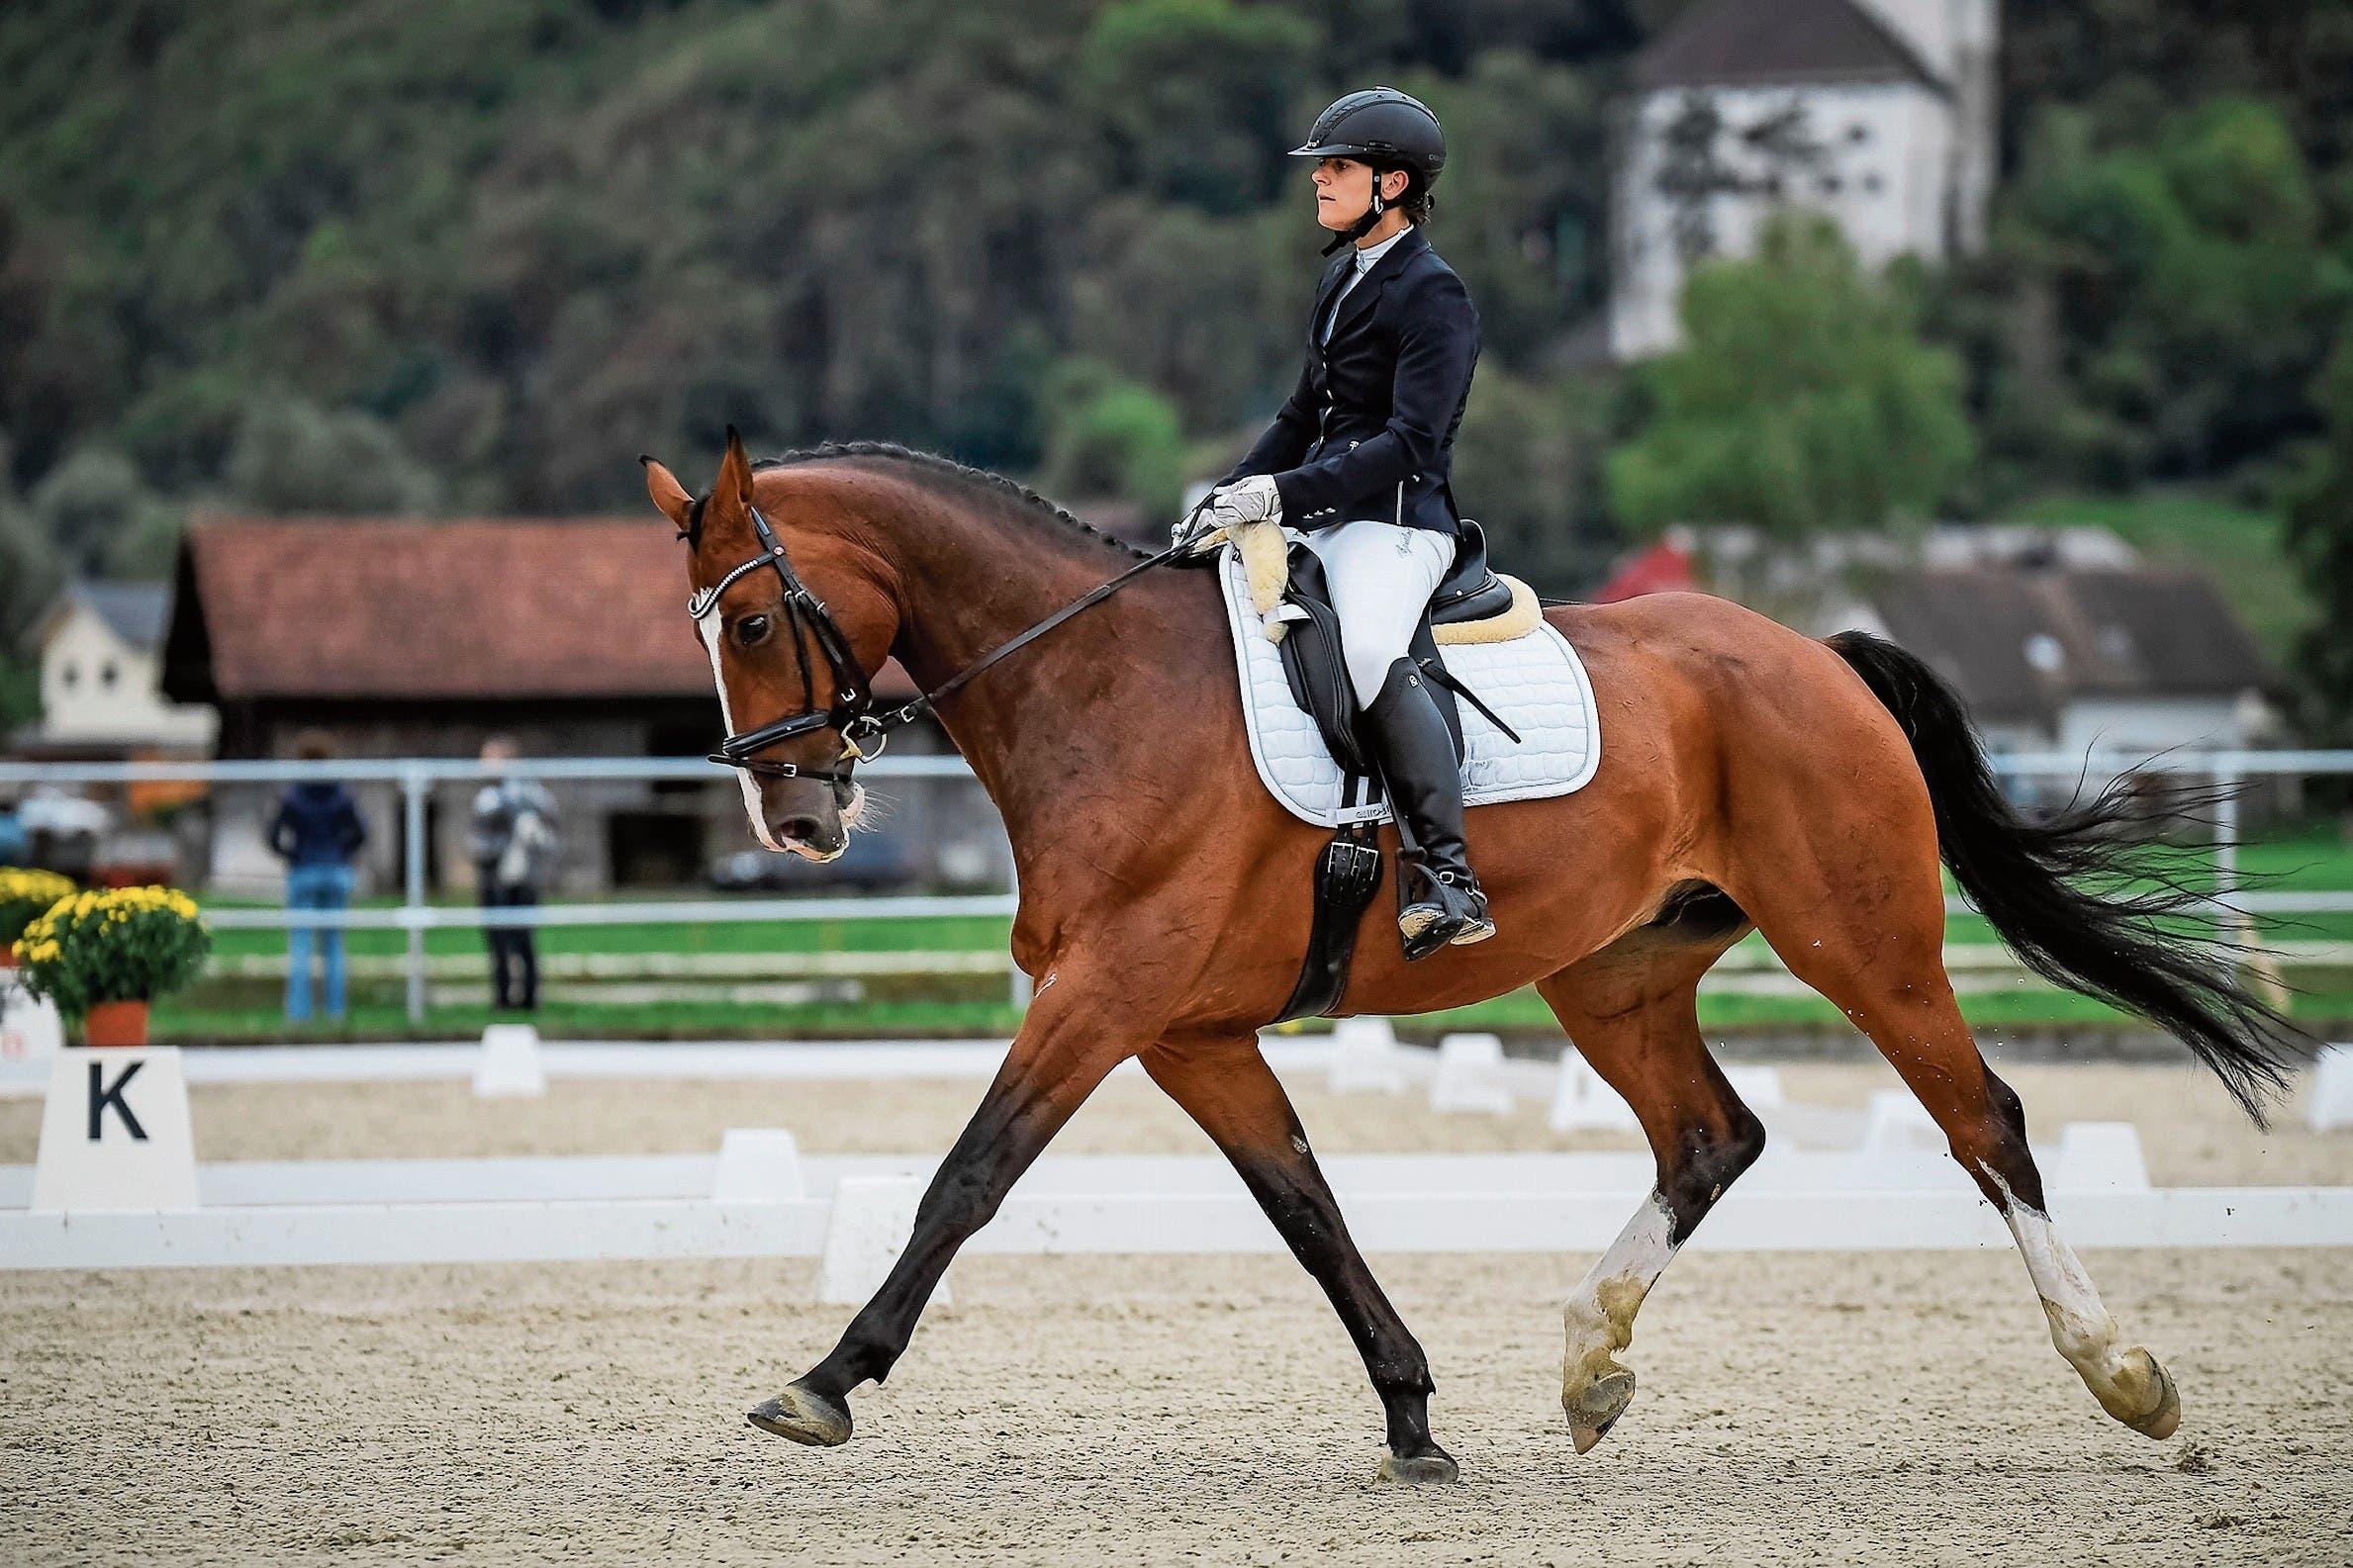 Die Liechtensteinerin Ramona Schreiber gewann Silber in der Stufe 1. (Bild: Bilder: Katja Stuppia/Corinne Hanselmann)